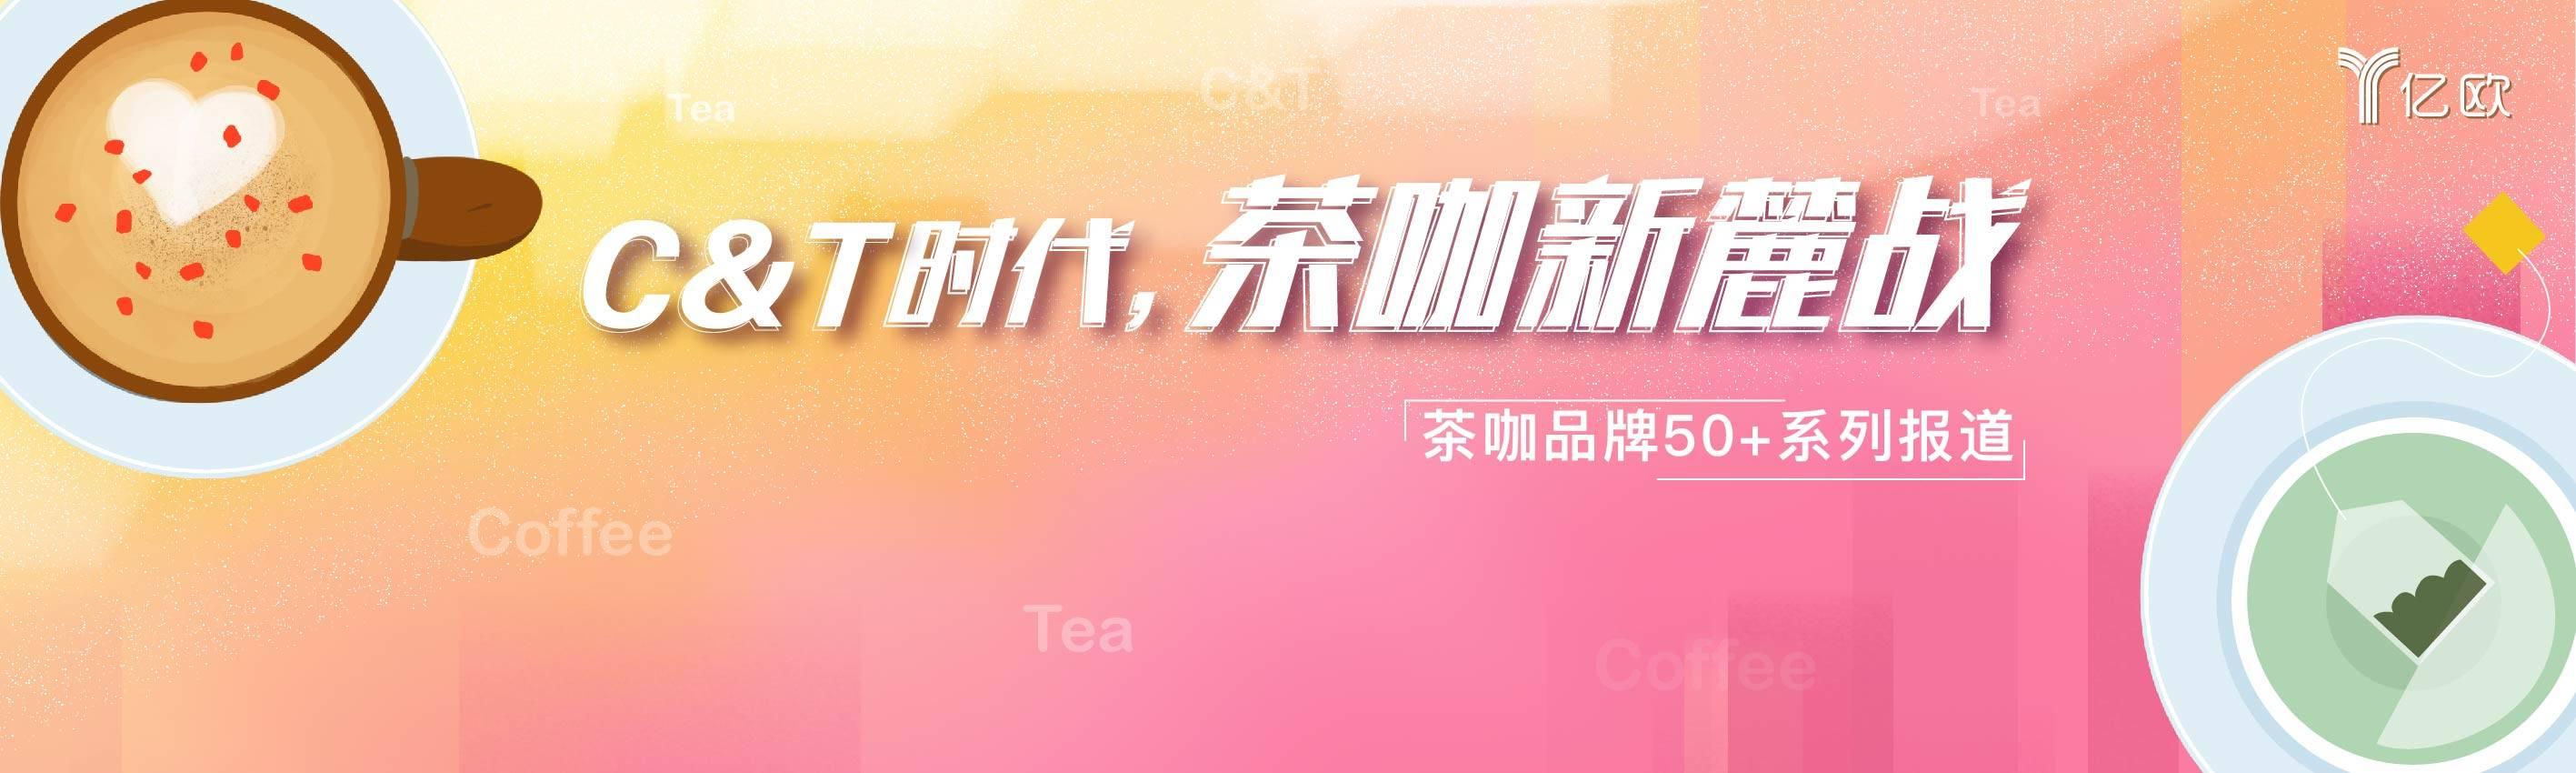 茶咖品牌50+系列报道